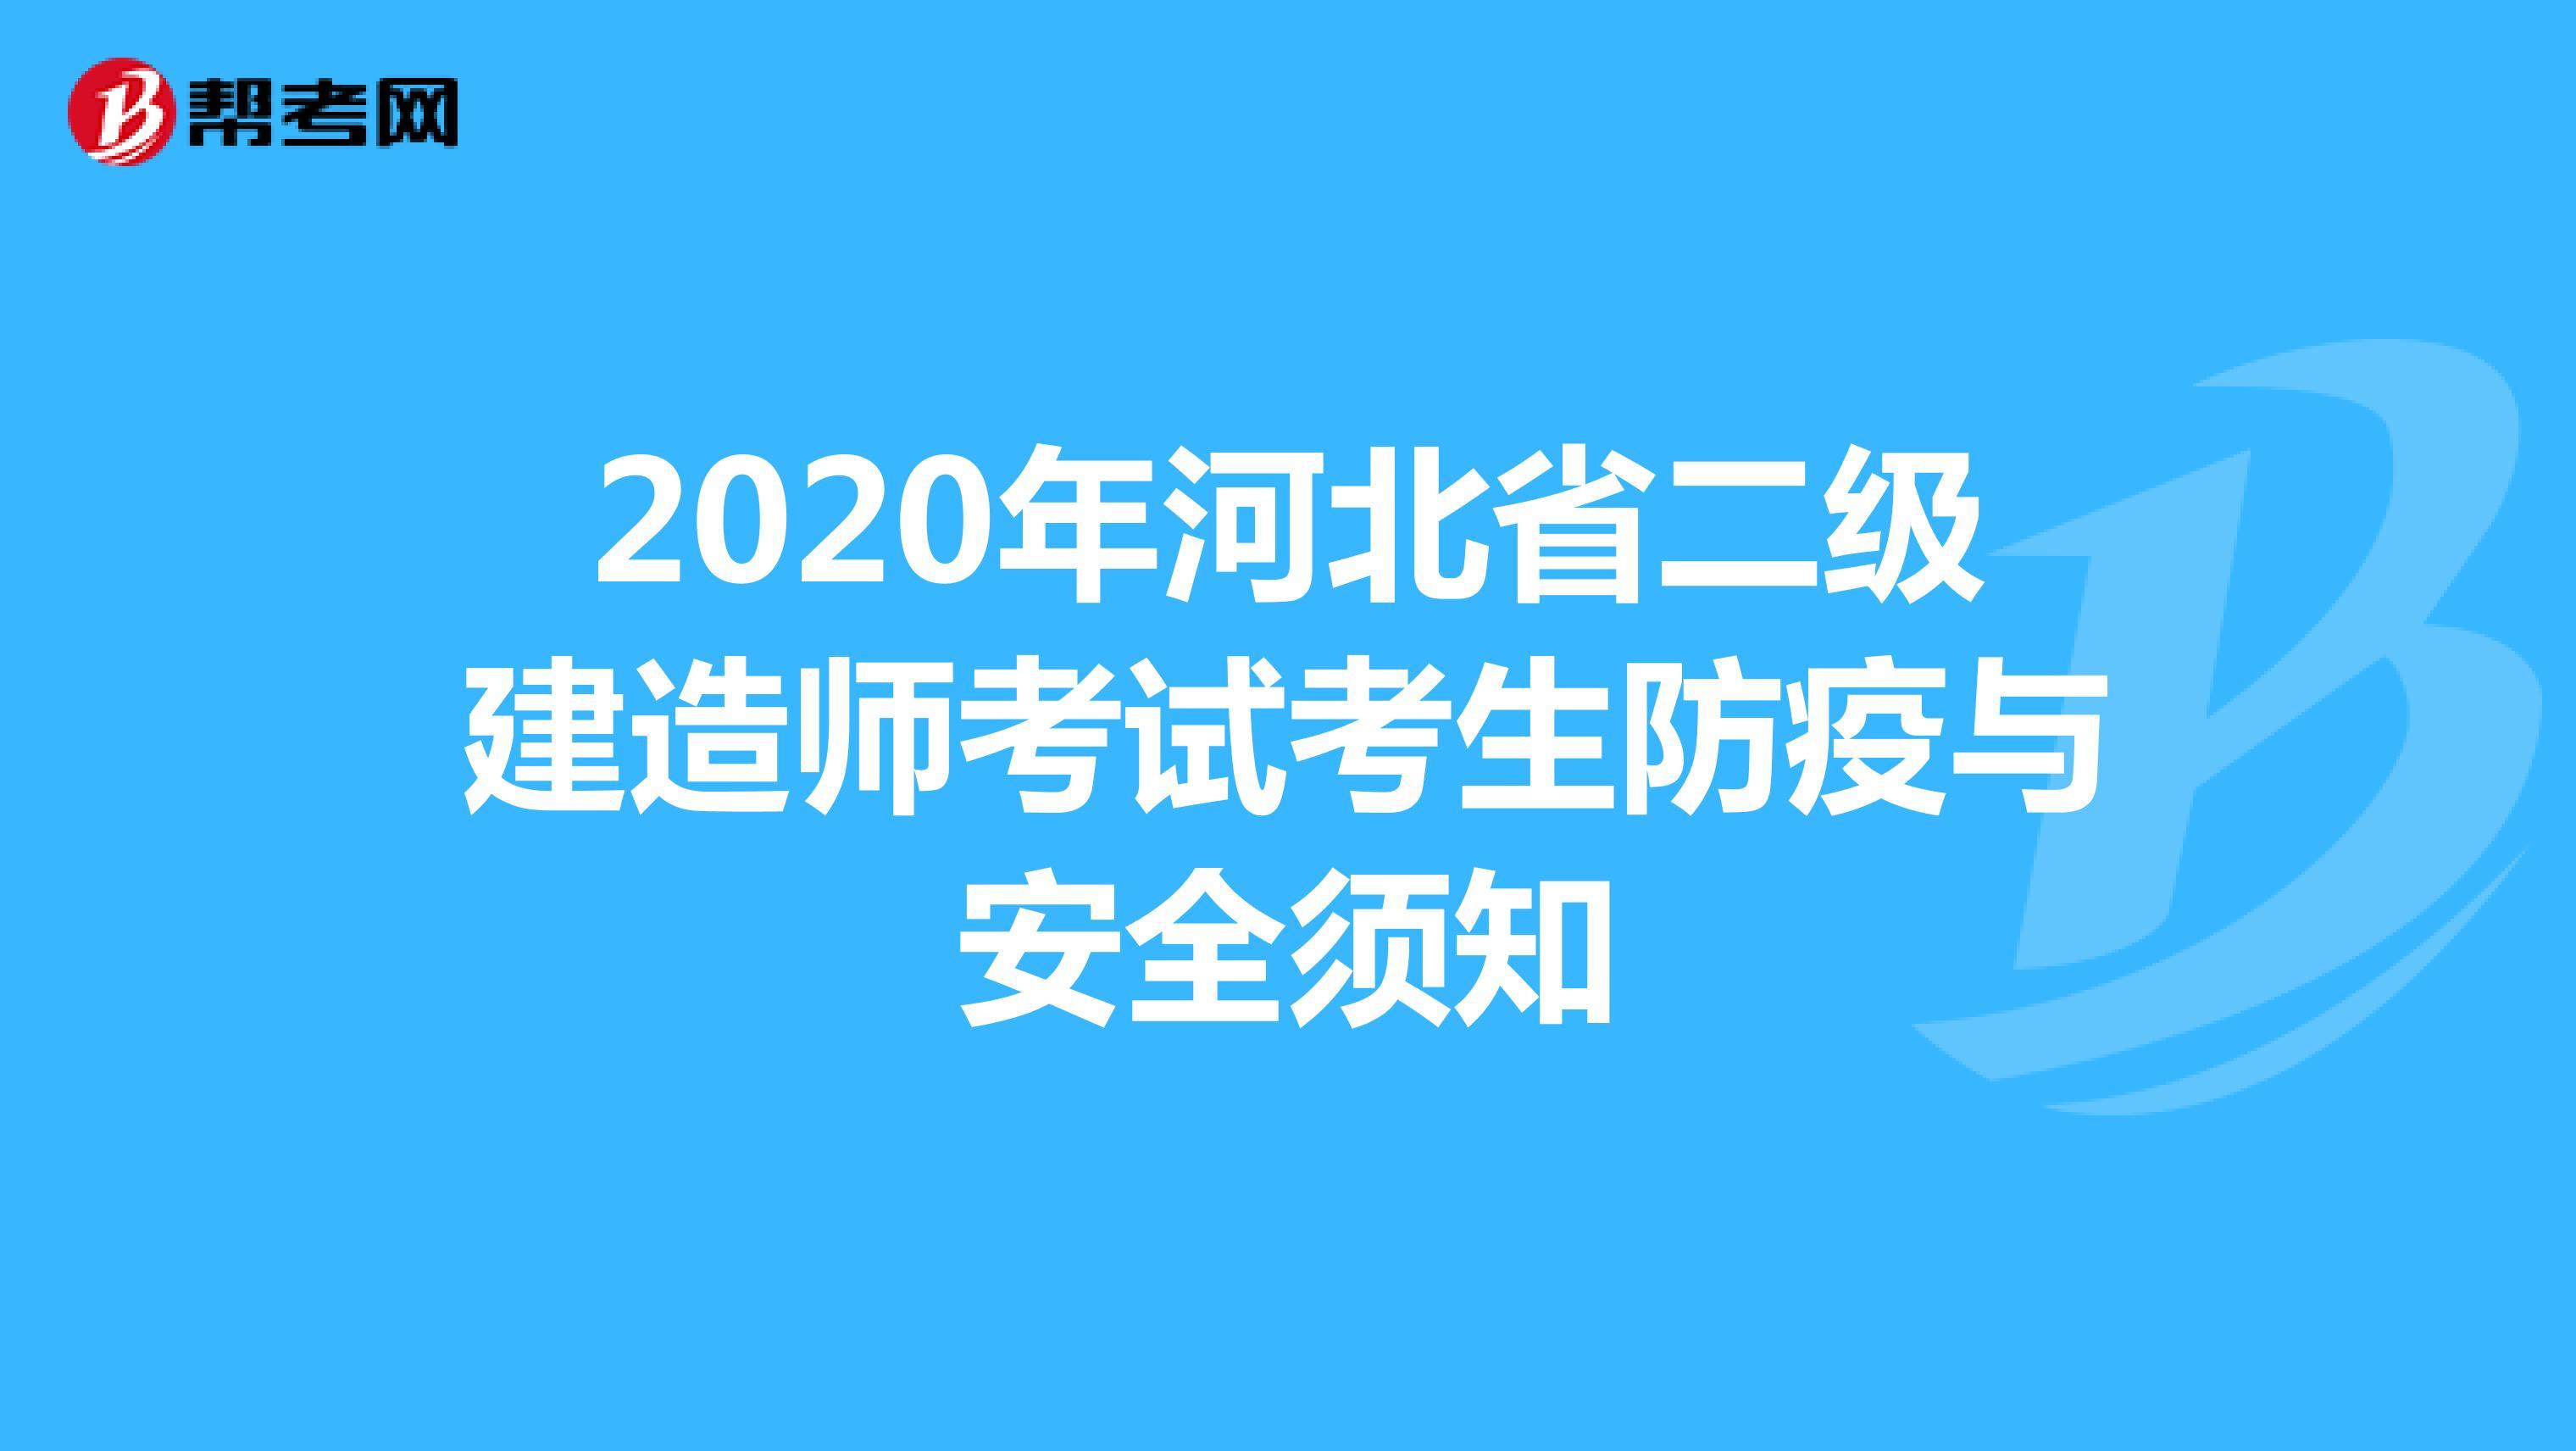 2020年河北省二级建造师考试考生防疫与安全须知